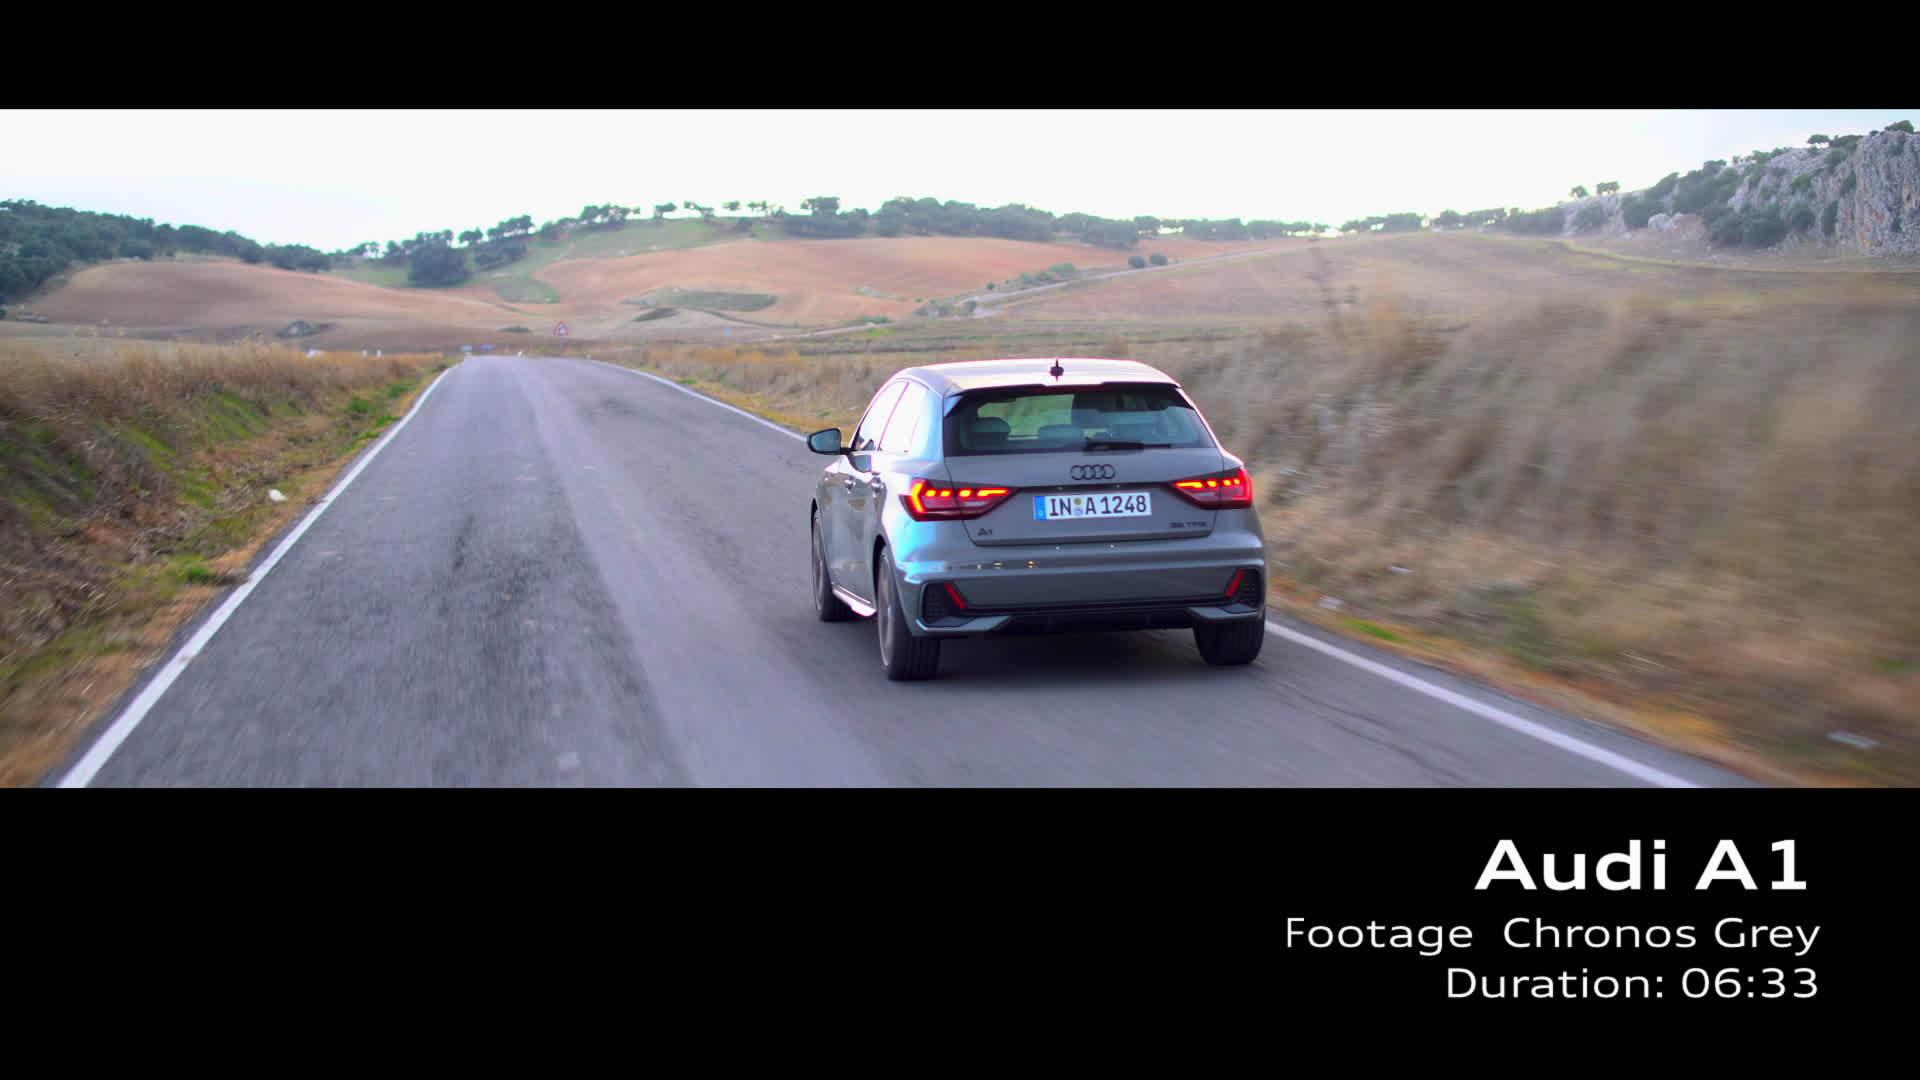 Audi A1 Footage Chronosgrau (2018)